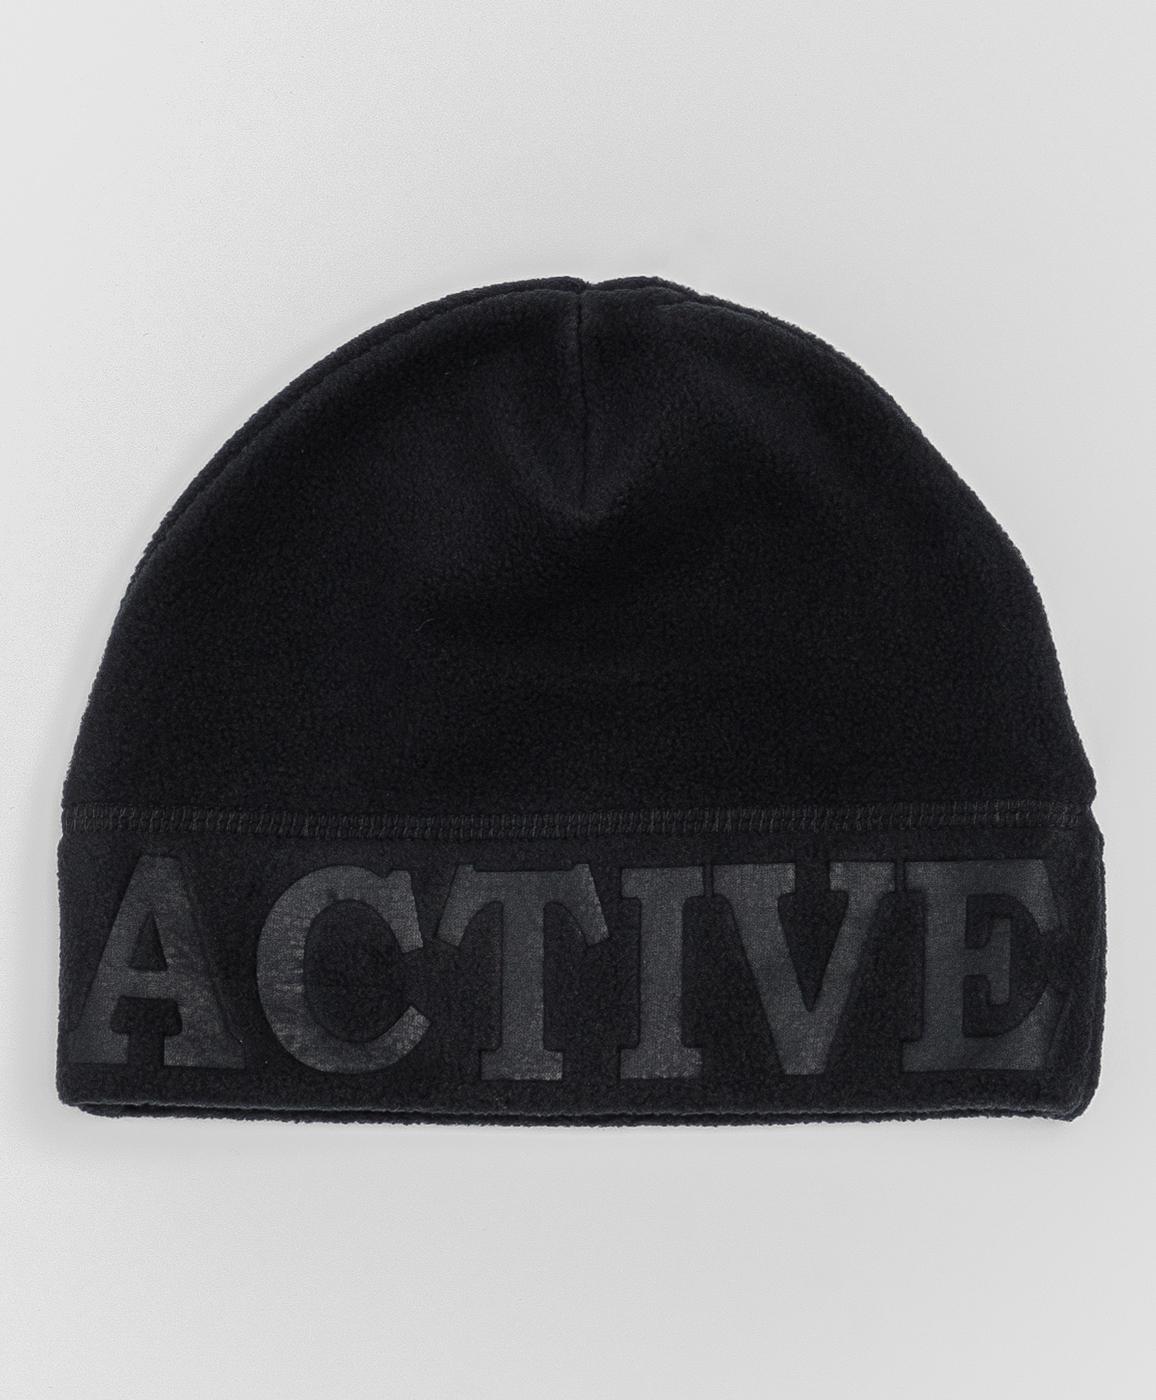 Купить 220BBBA73010800, Черная флисовая шапка Button Blue, черный, 50, Флис, Мужской, Зима, ОСЕНЬ/ЗИМА 2020-2021 (shop: GulliverMarket Gulliver Market)